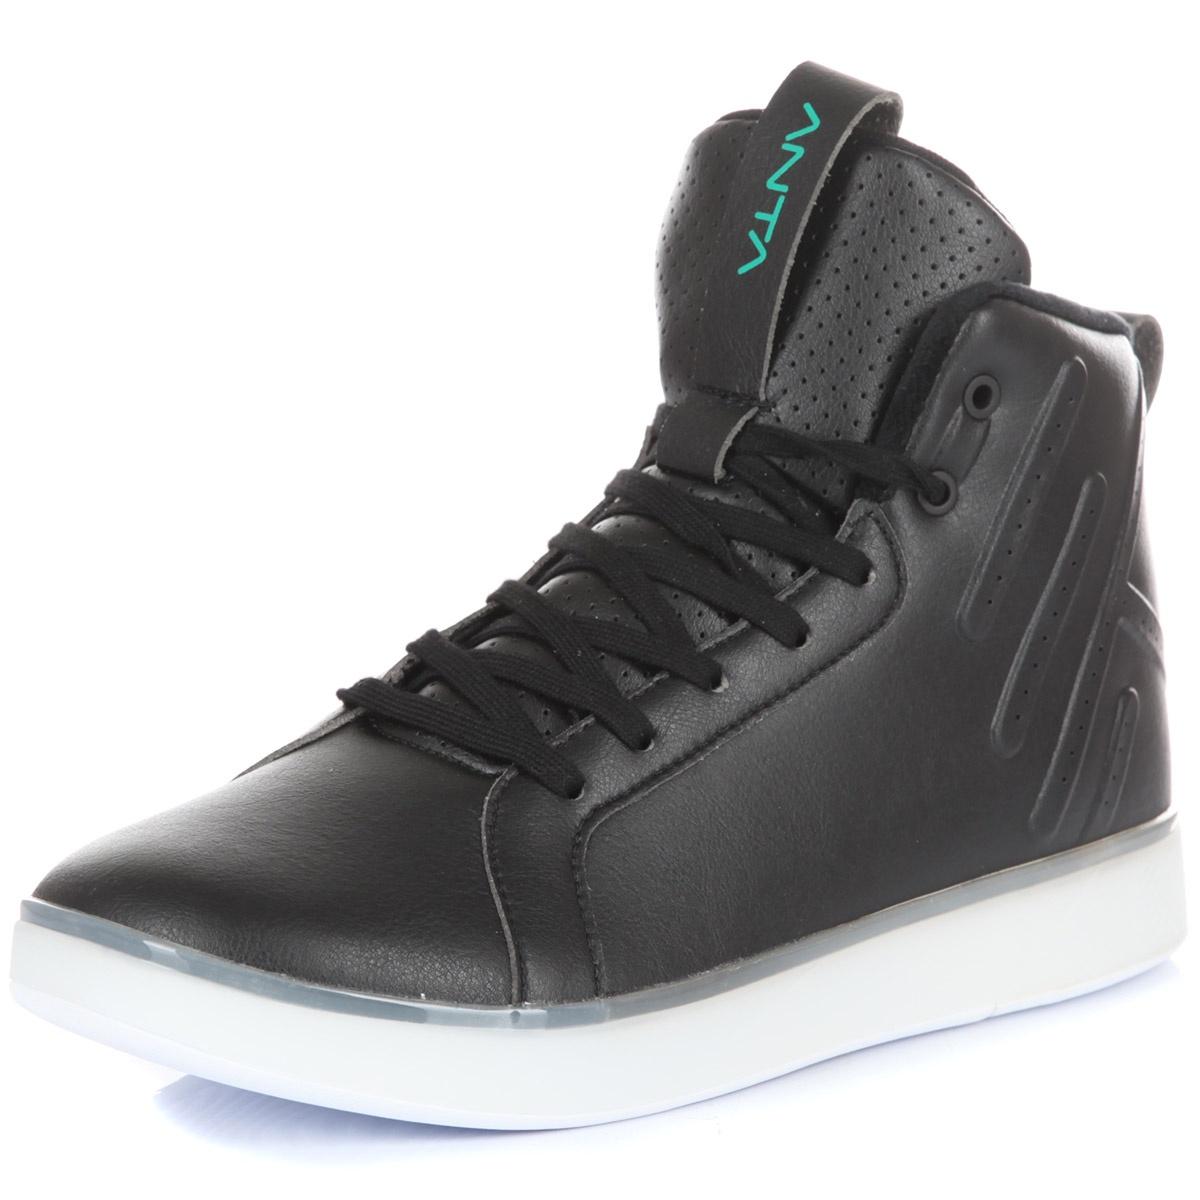 Кроссовки Anta 81841801-5-8,5, черный 40,5 размер81841801-5-8,5Баскетбольные кроссовки ANTA Basketball с верхом из искусственной кожи. Детали: отверстия для вентиляции; высокий язычок с петлей; мягкий внутренний текстиль; специальная прострочка в задней части; яркий логотип бренда.